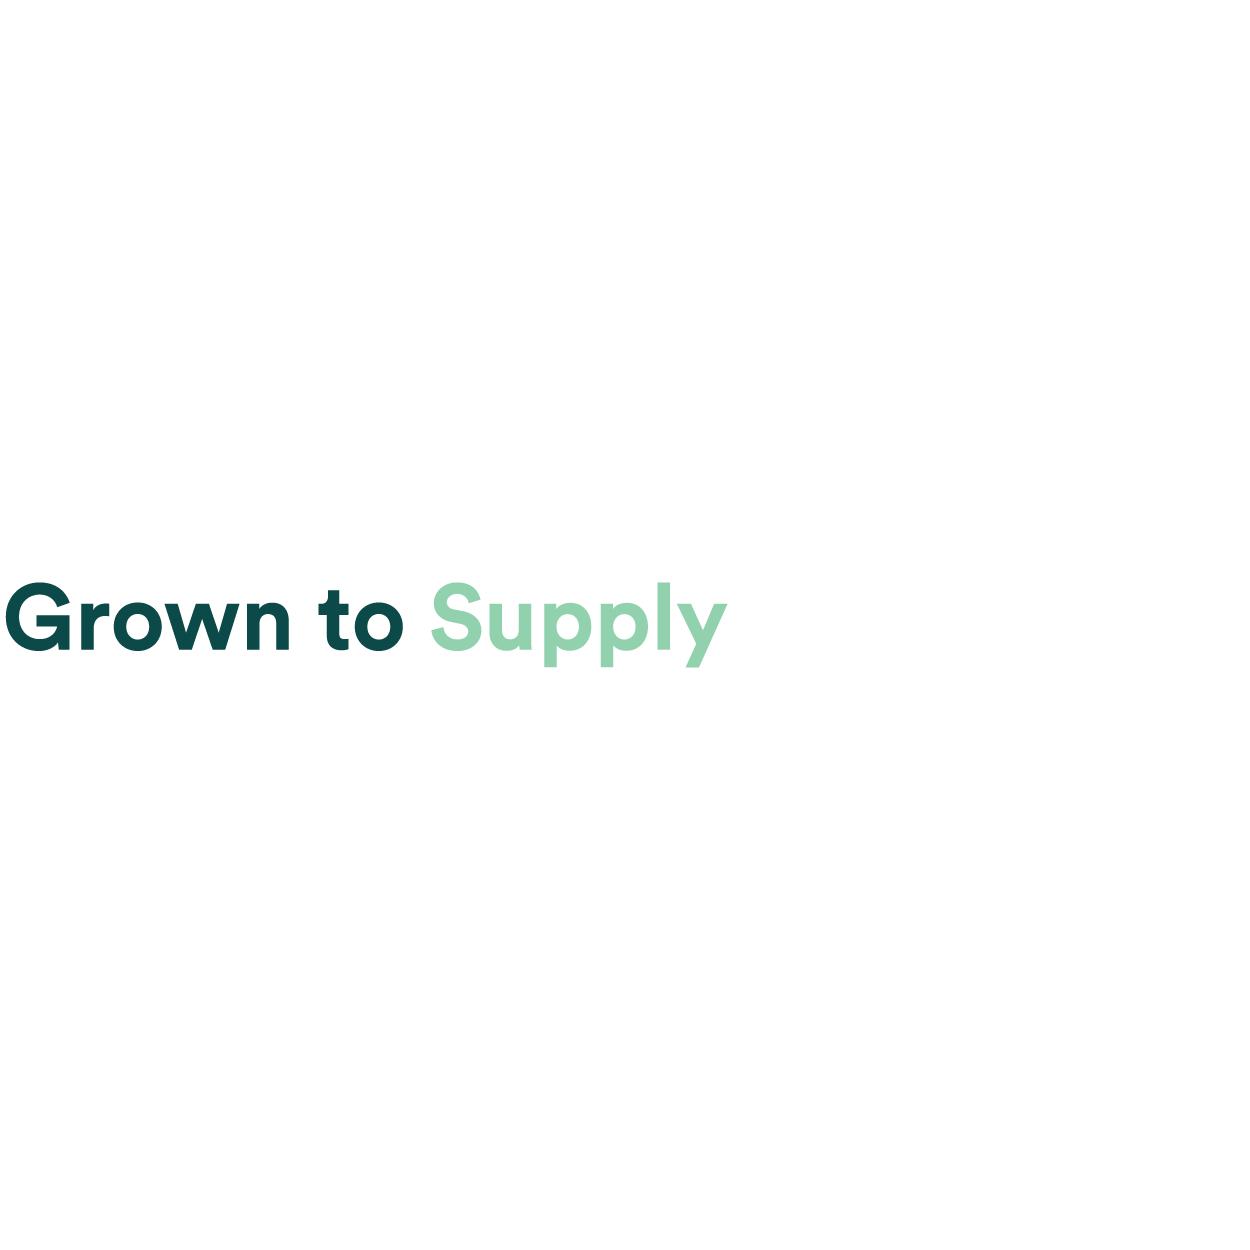 Grown Page_Program Logos-01.png